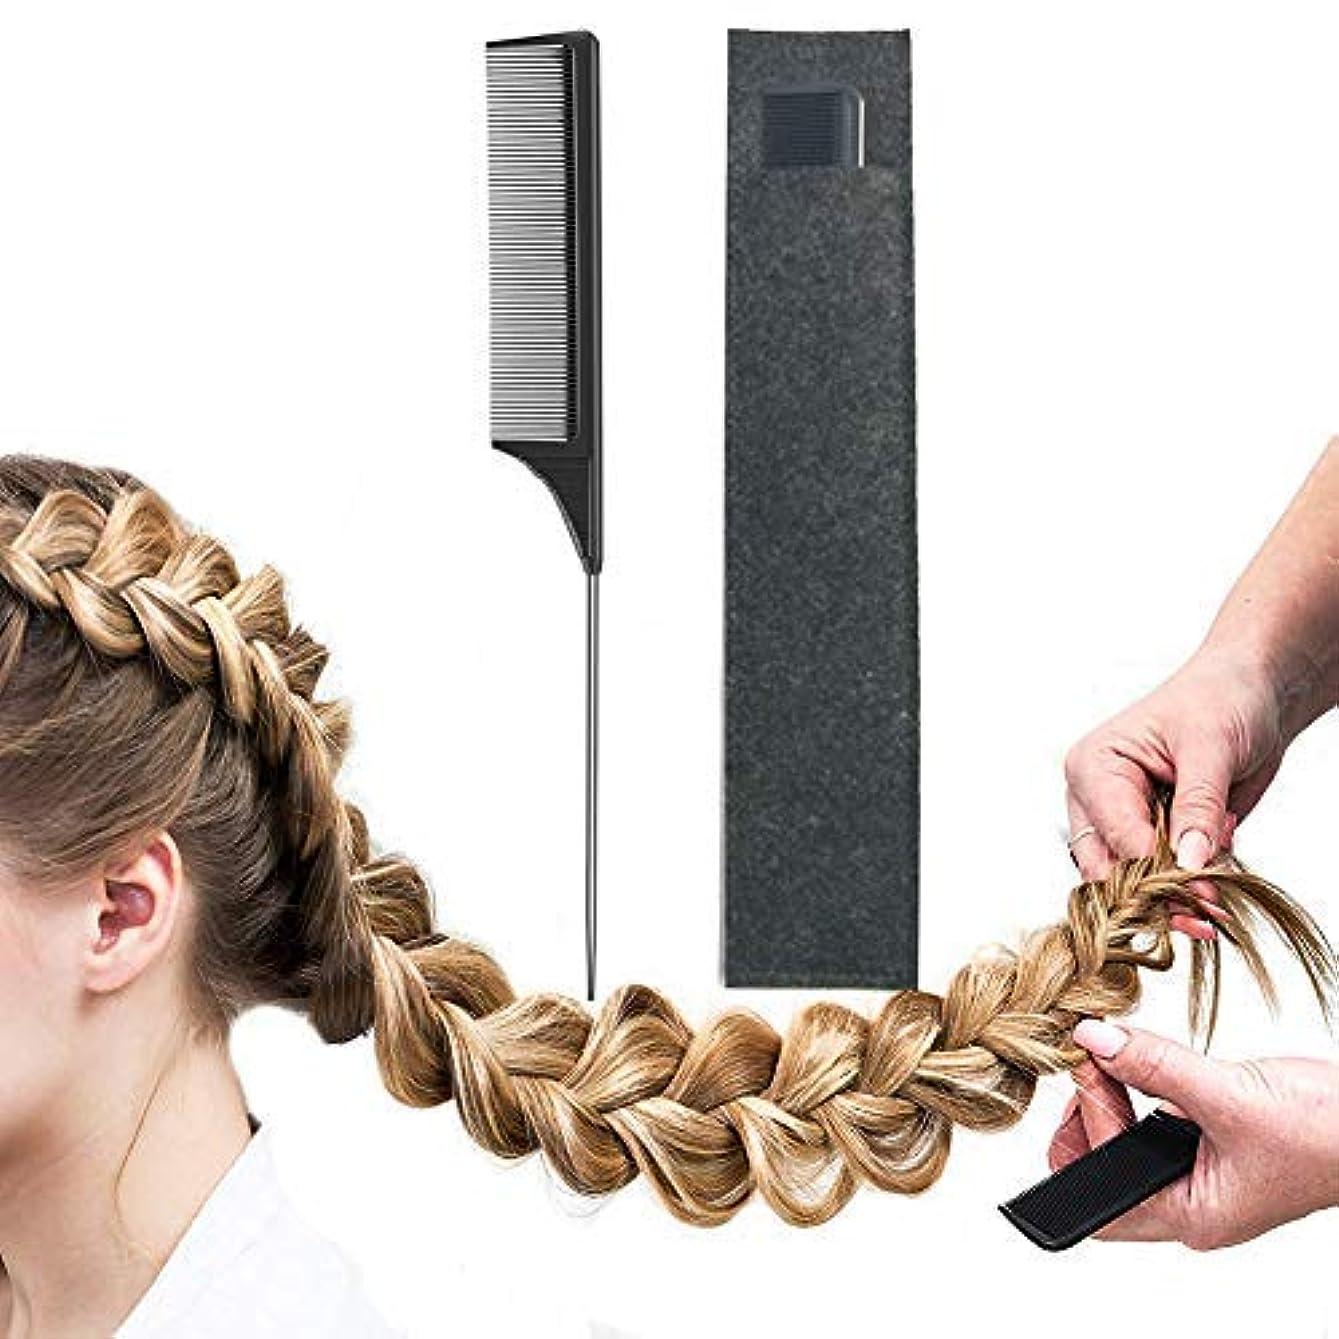 団結簡略化するレンディションPintail Comb Carbon Fiber And Heat Resistant Teasing HairTail Combs Metal With Non-skid Paddle For Hair Styling...